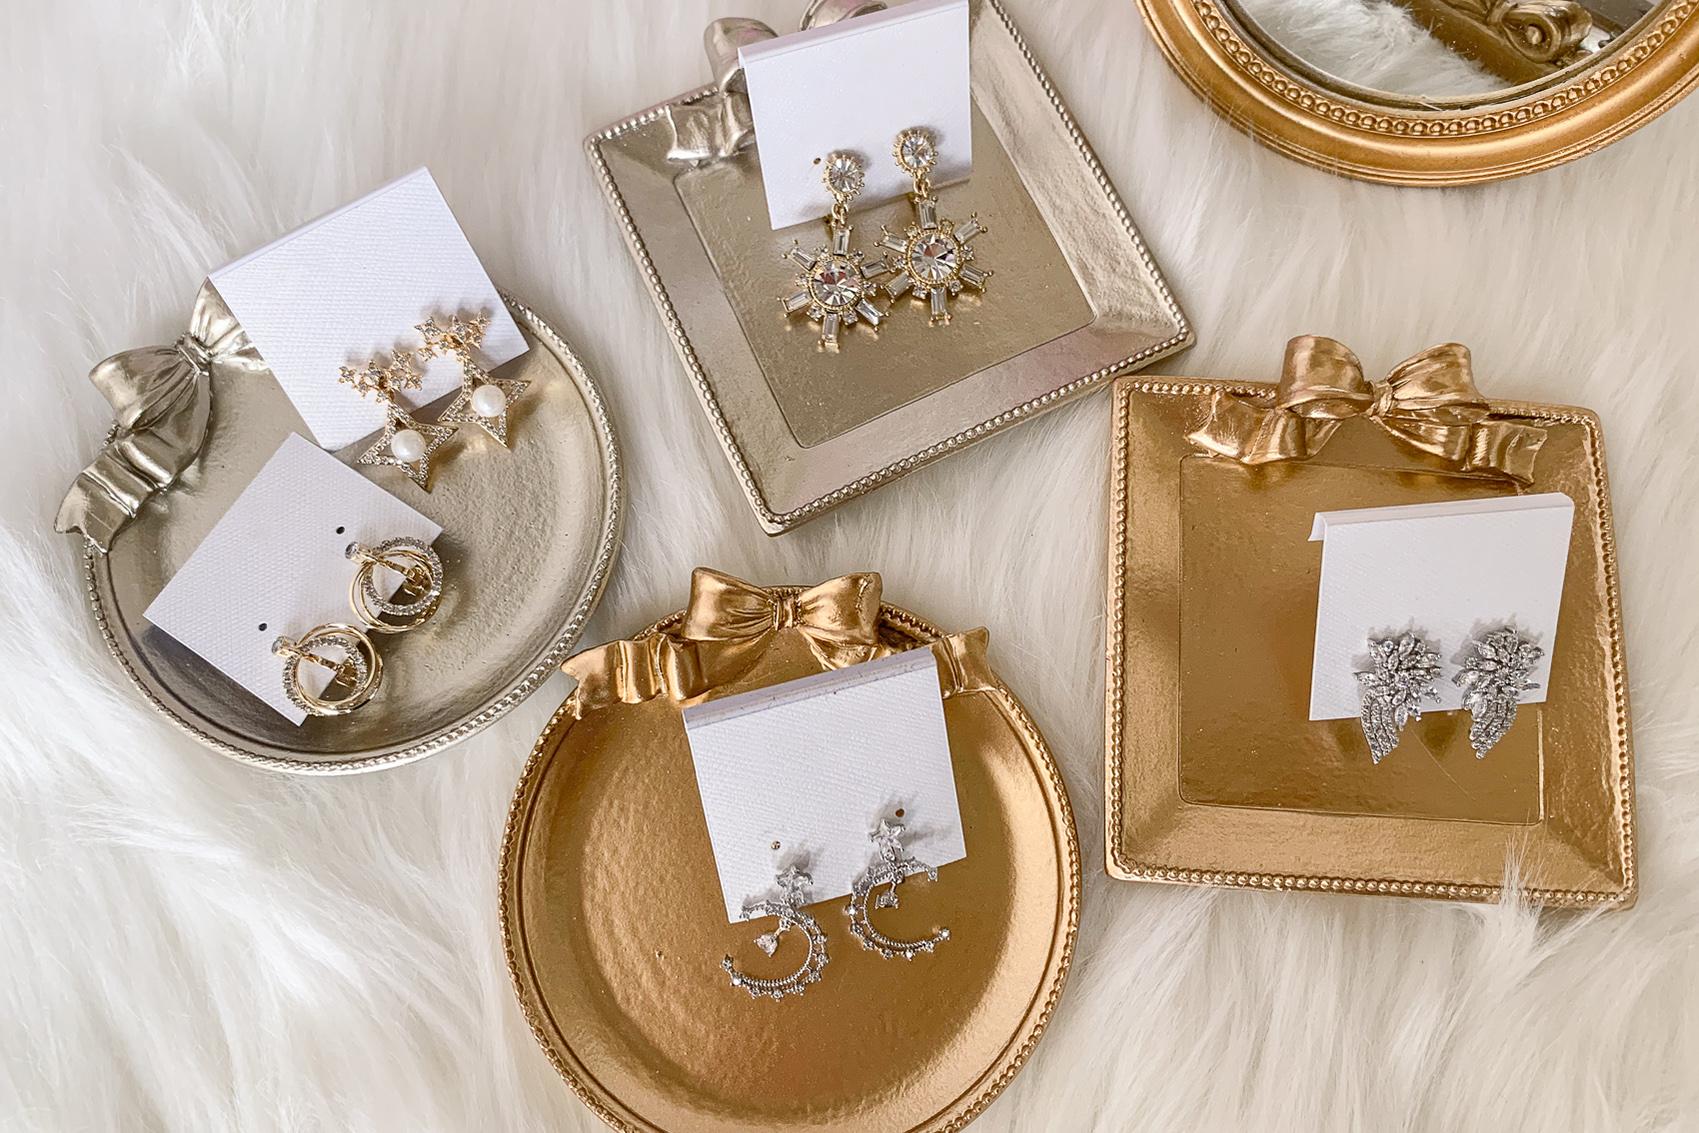 新娘飾品|適合儀式時候配戴的小巧型耳環